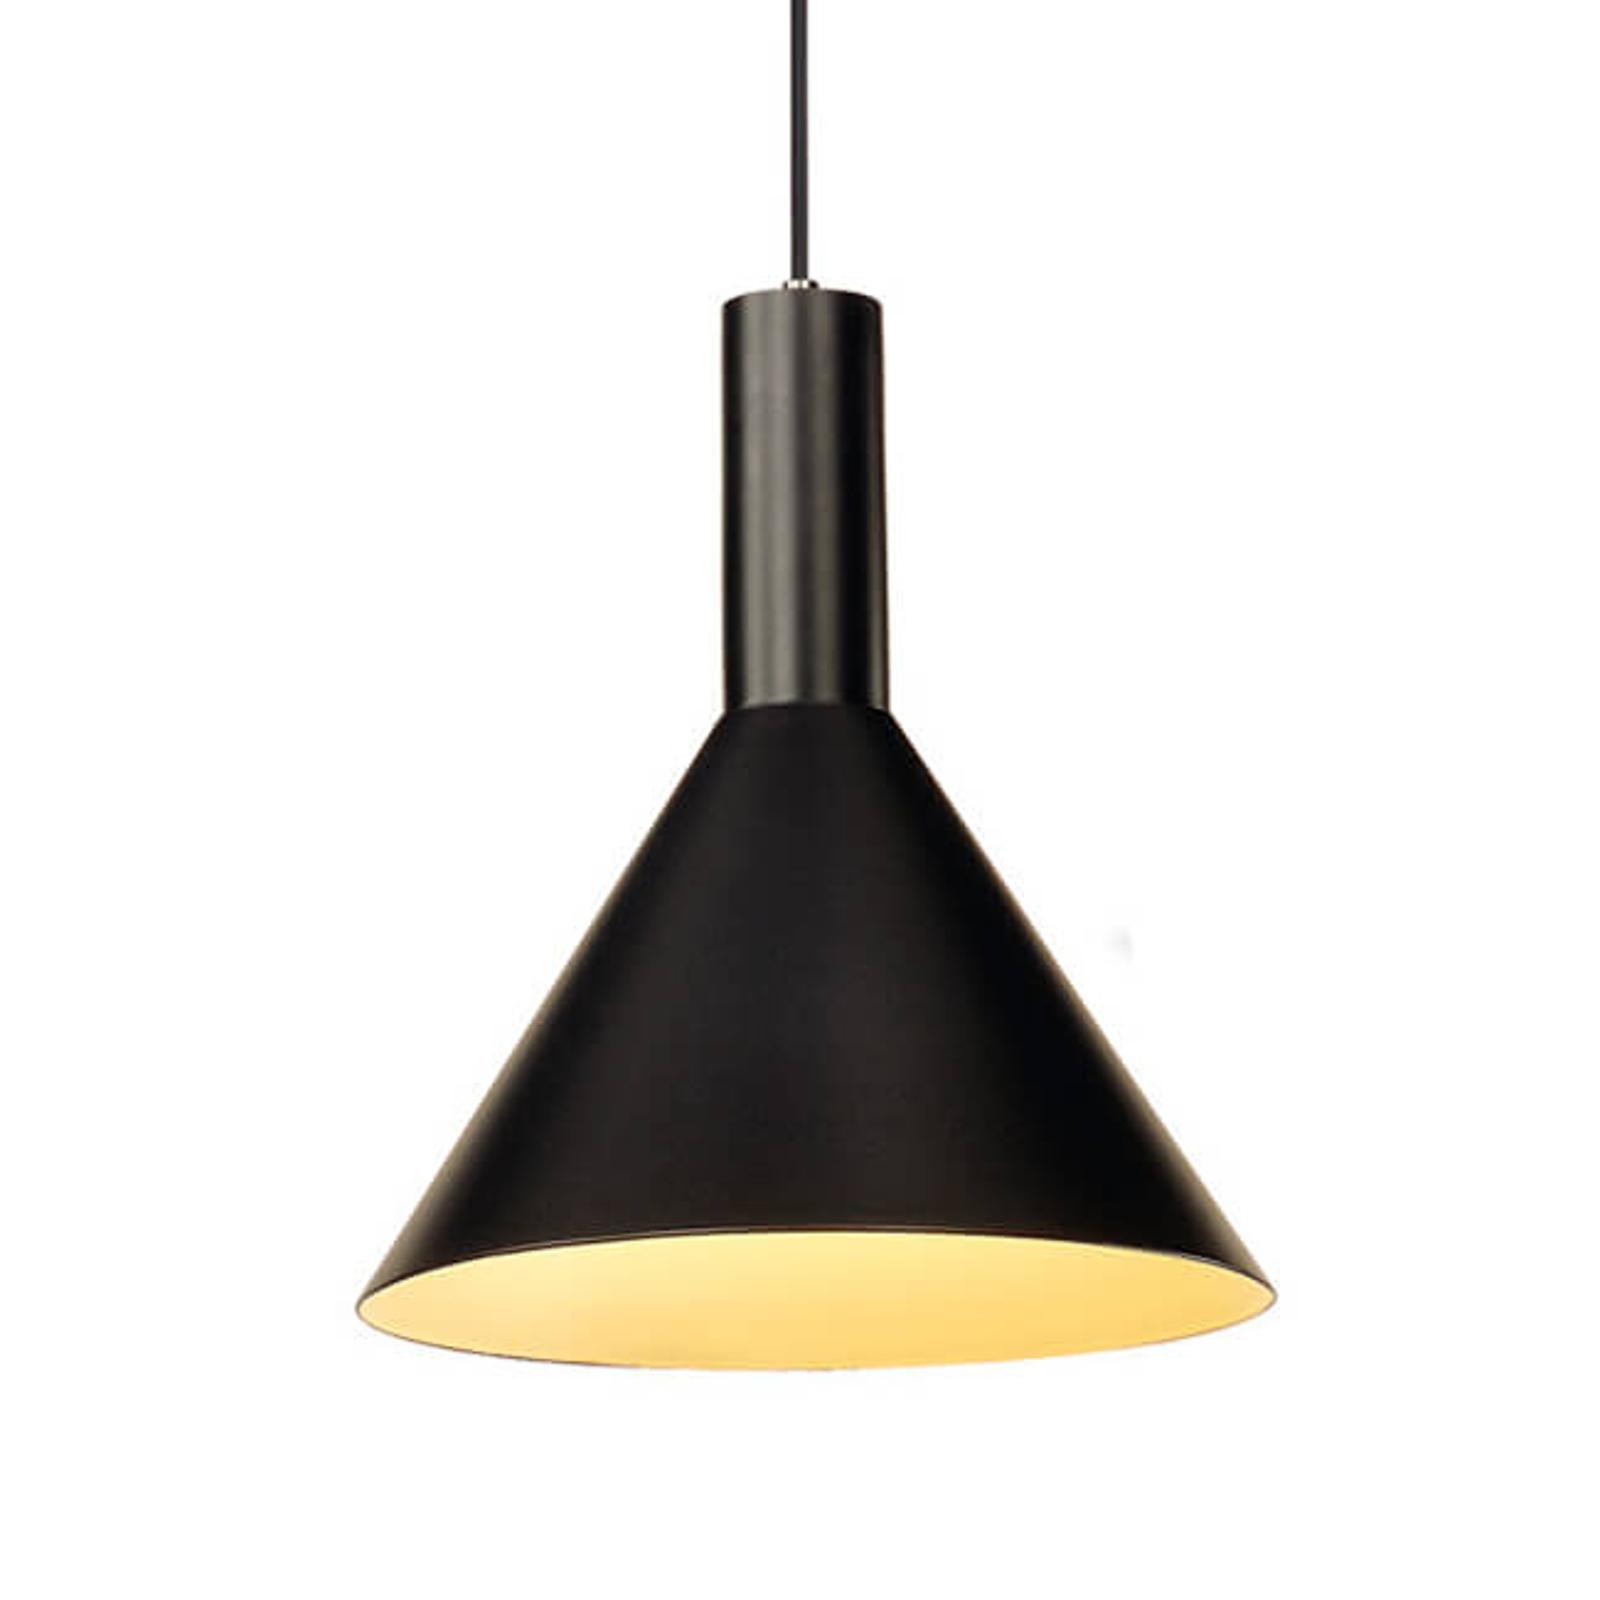 SLV Phelia lampa wisząca czarna 27,5 cm